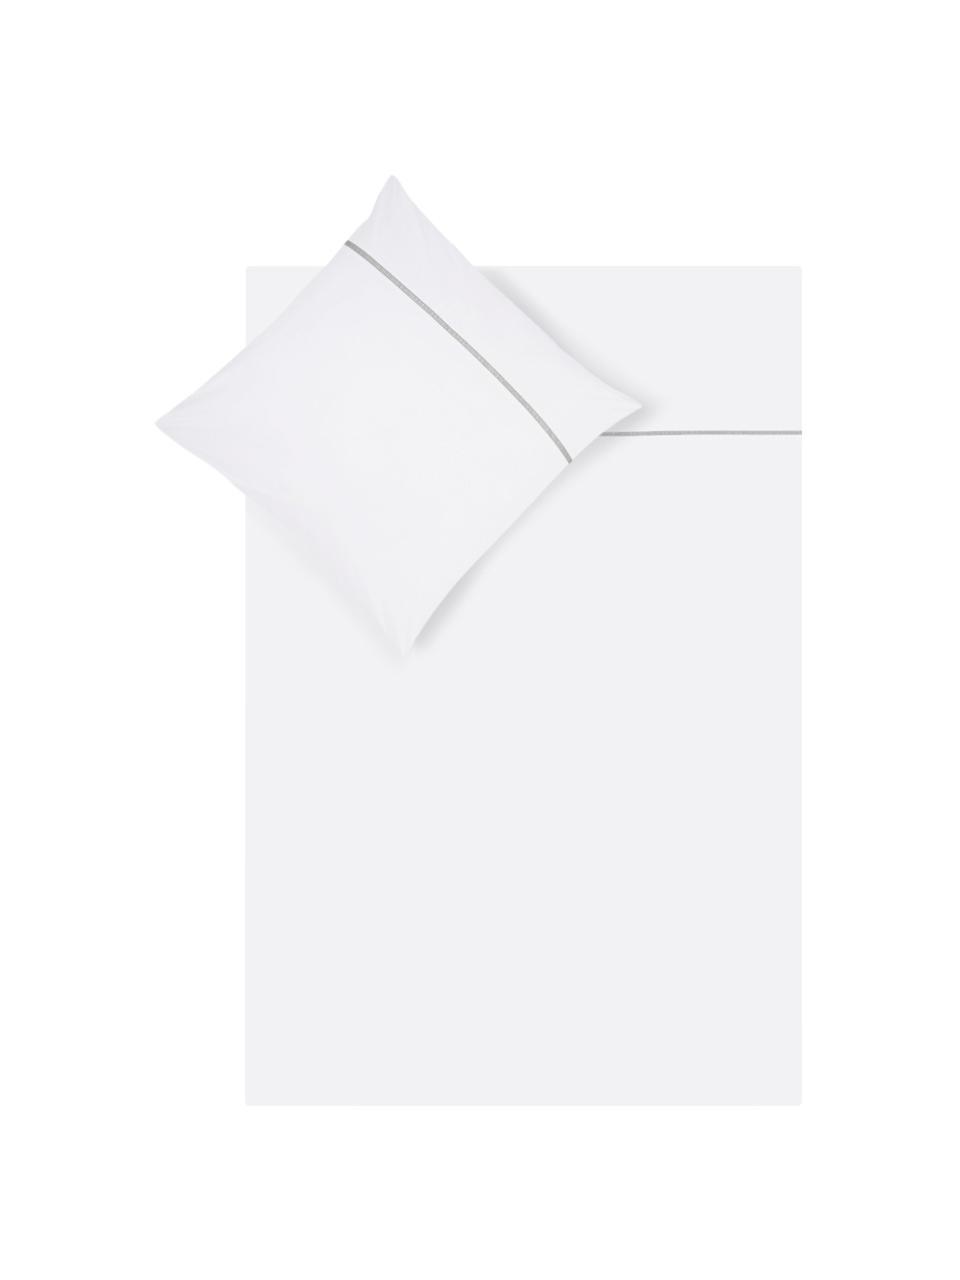 Baumwollperkal-Bettwäsche Mari mit Hohlsaumstickerei, Webart: Perkal Fadendichte 180 TC, Weiß, Grau, 135 x 200 cm + 1 Kissen 80 x 80 cm